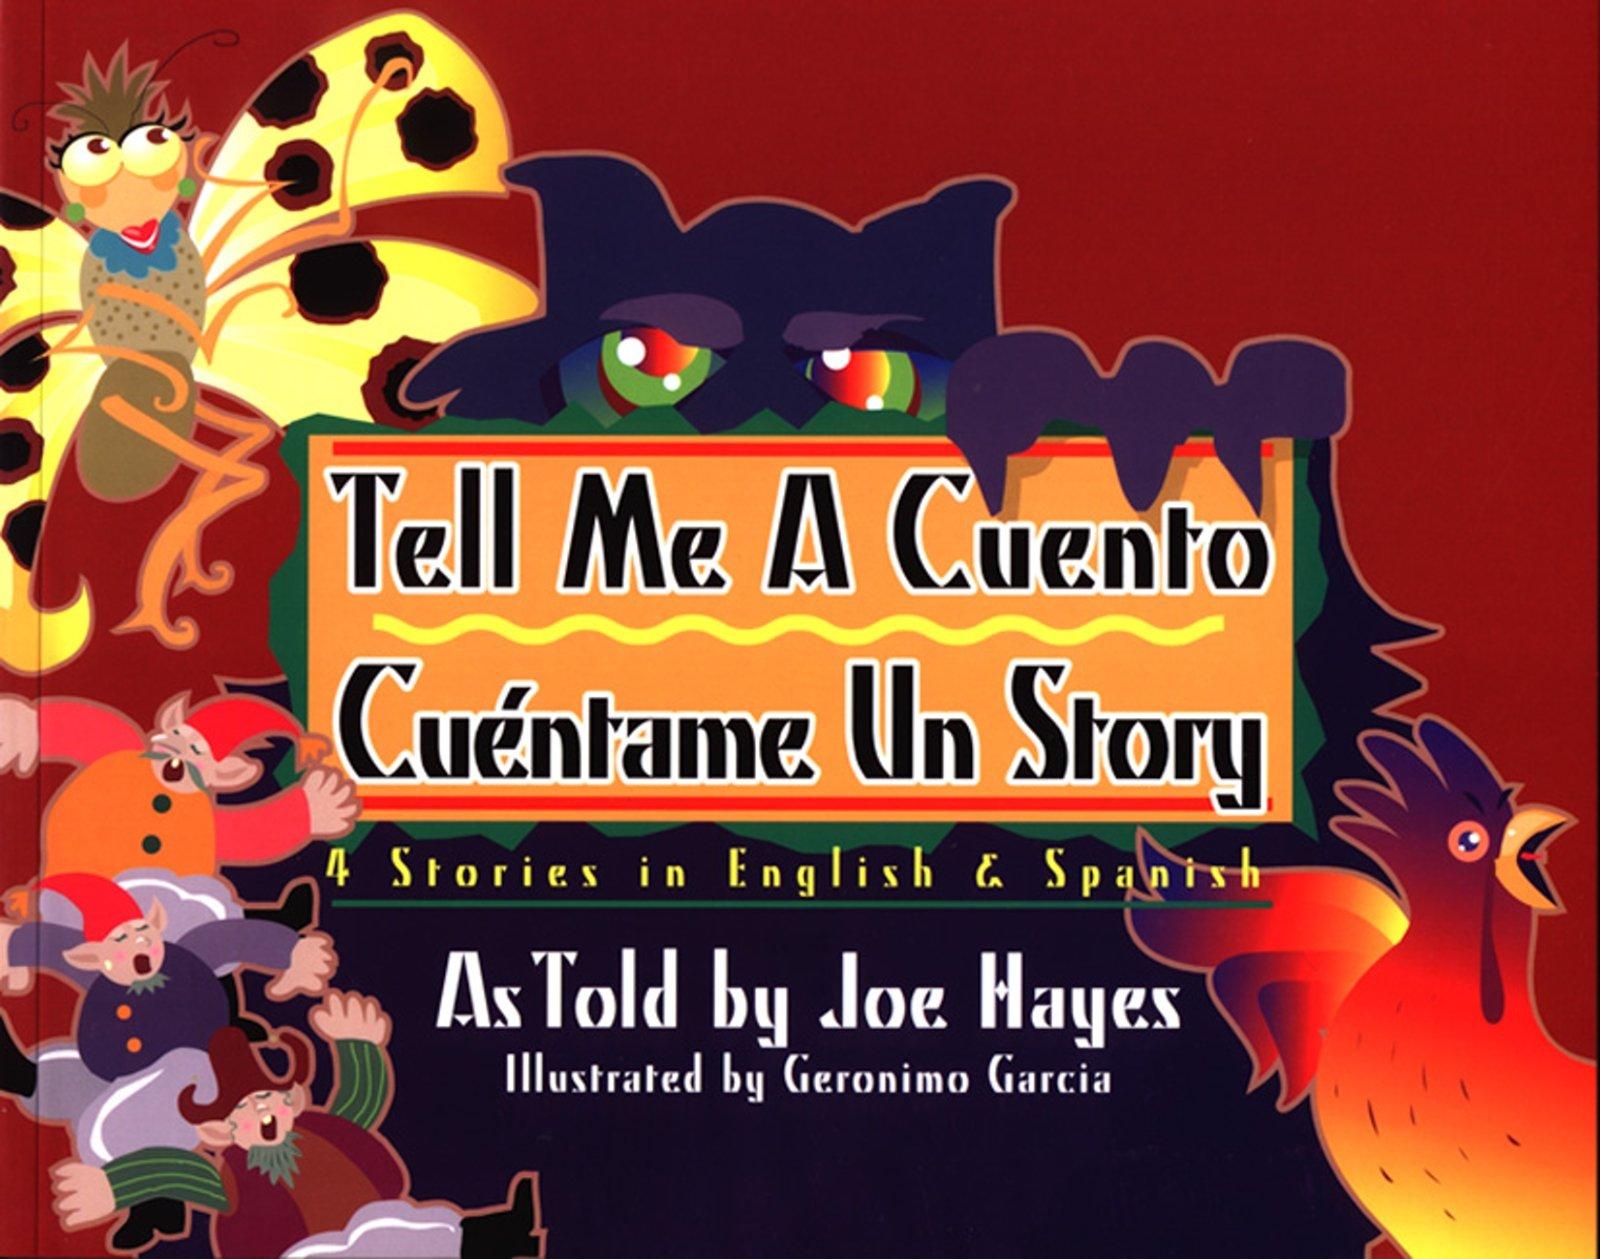 Tell me a cuento, cuéntame un story by Cinco Puntos Press